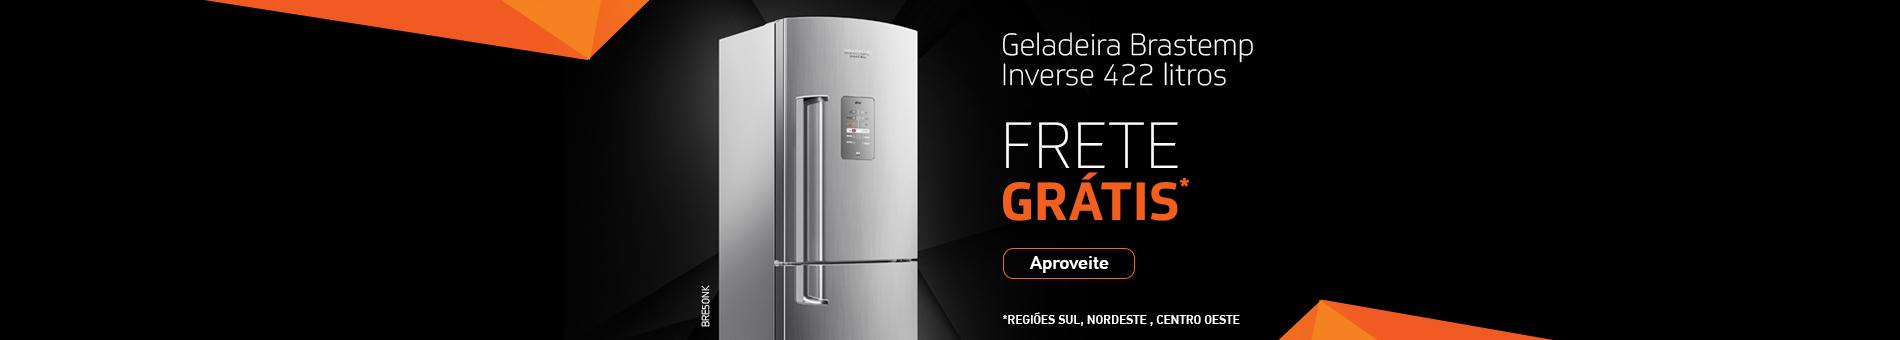 Promoção Interna - 385 - FreteGratis_BRE50NK_home_6052016 - BRE50NK - 2